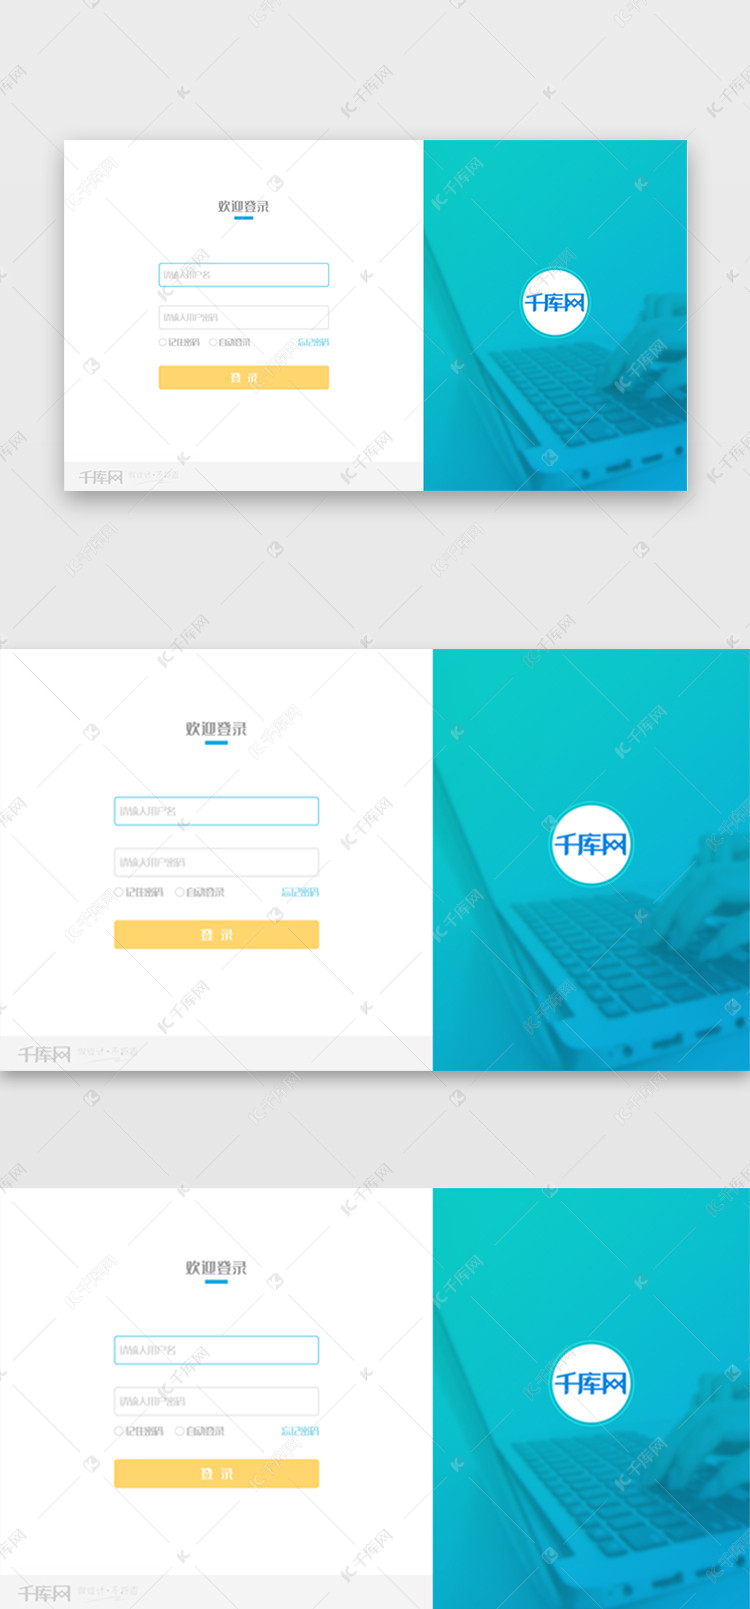 网页半透明蓝色风注册登录客厅端页面ui设计素扁平在北面怎么装修设计图片